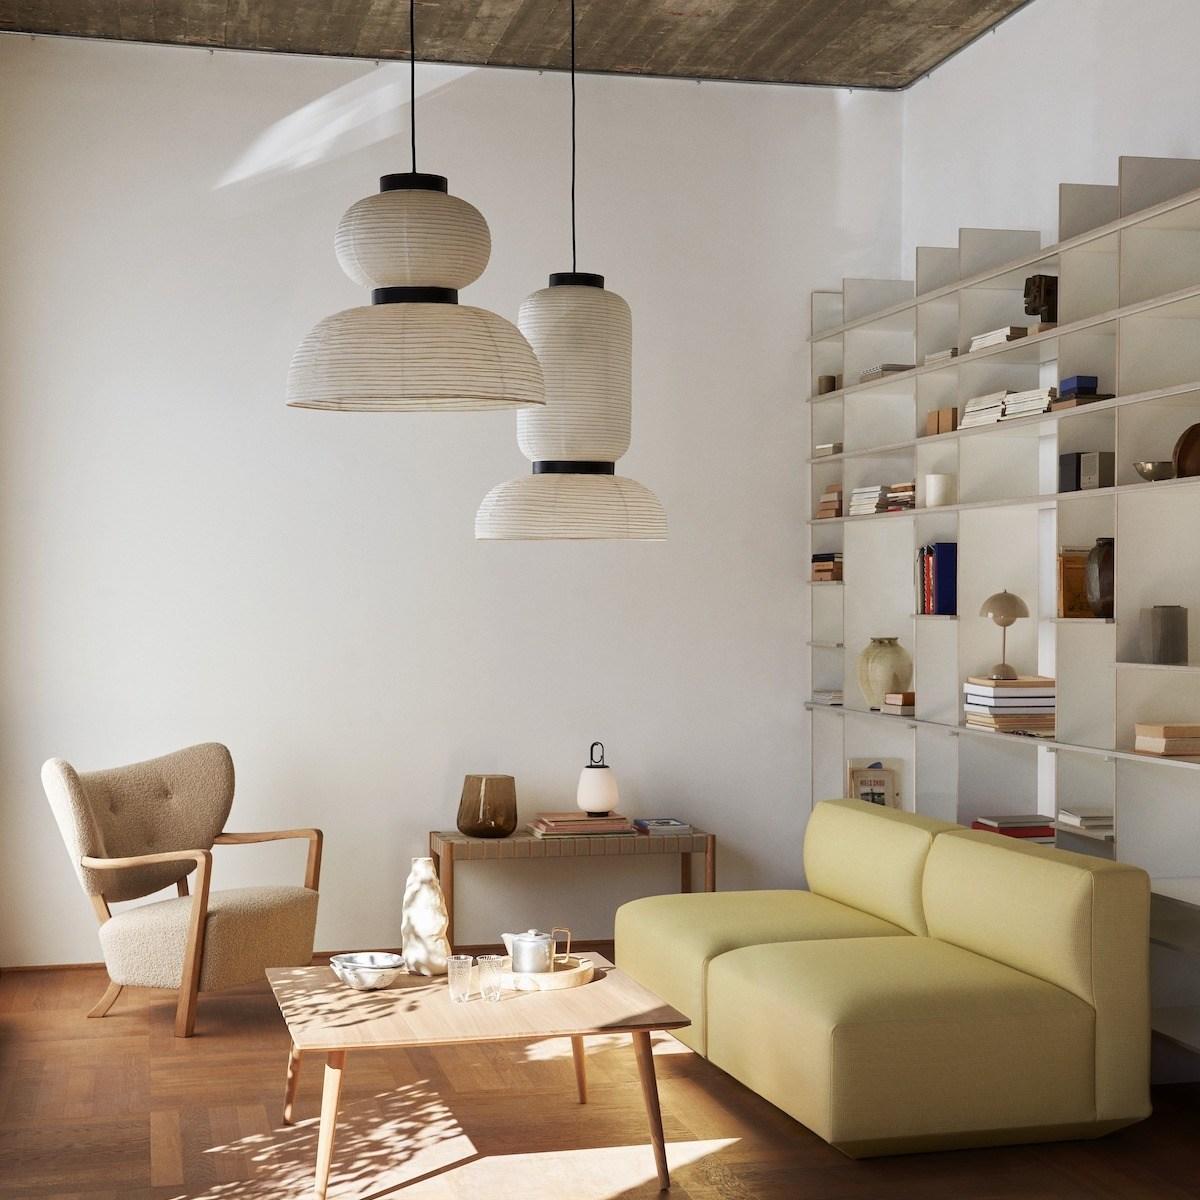 Papierleuchten sind zurück. Sitzbereich im Wohnzimmer, zwei Formakami Leuchten hängen über Sofa und Couchtisch.